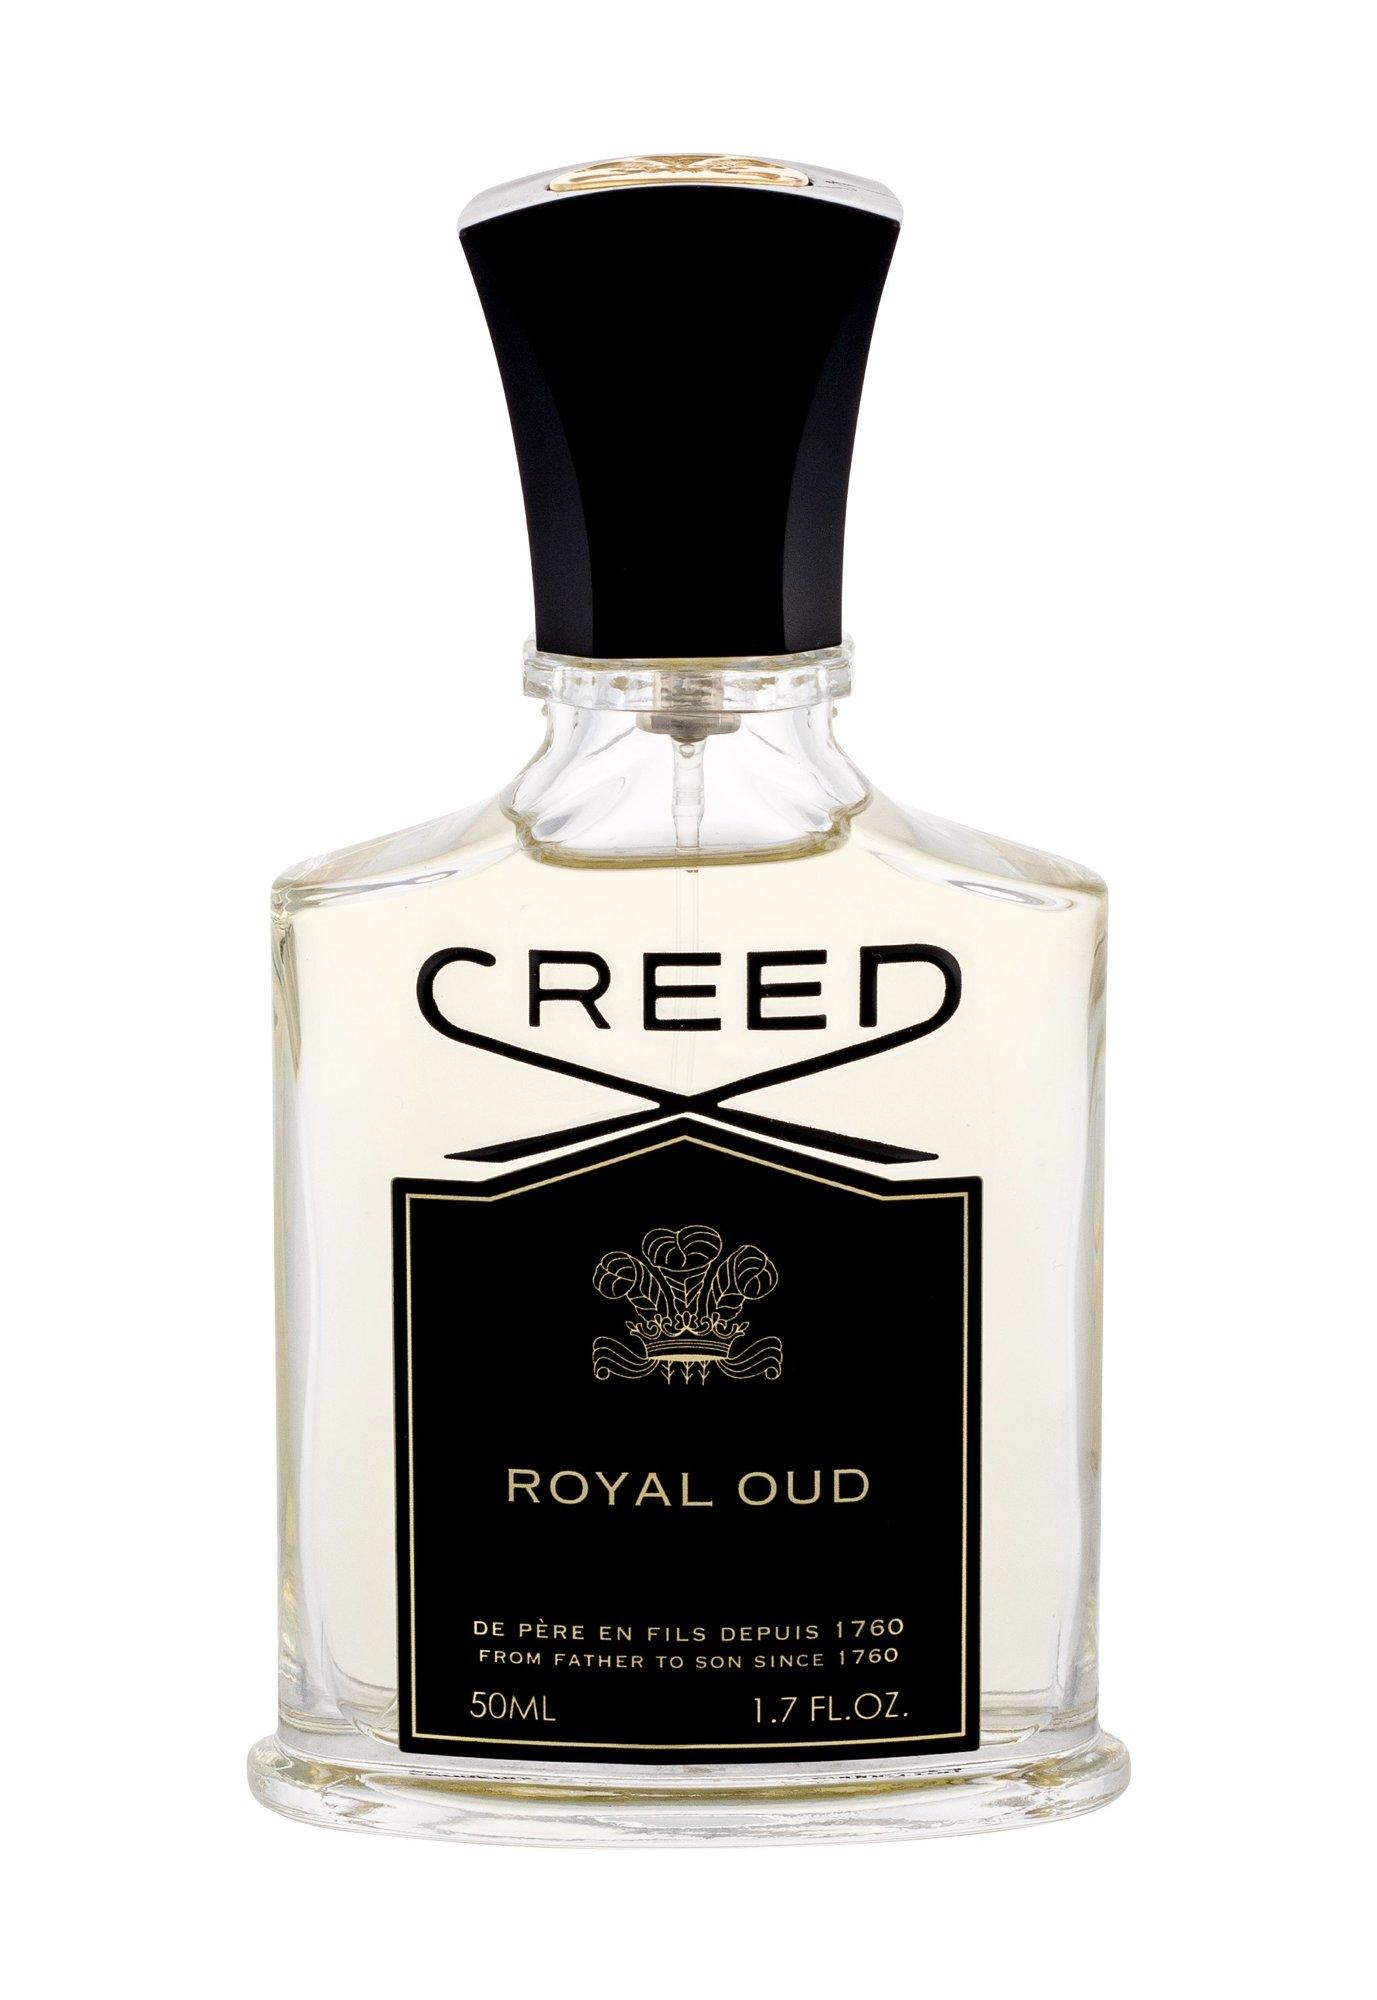 Creed Royal Eau de Parfum 50ml  Oud